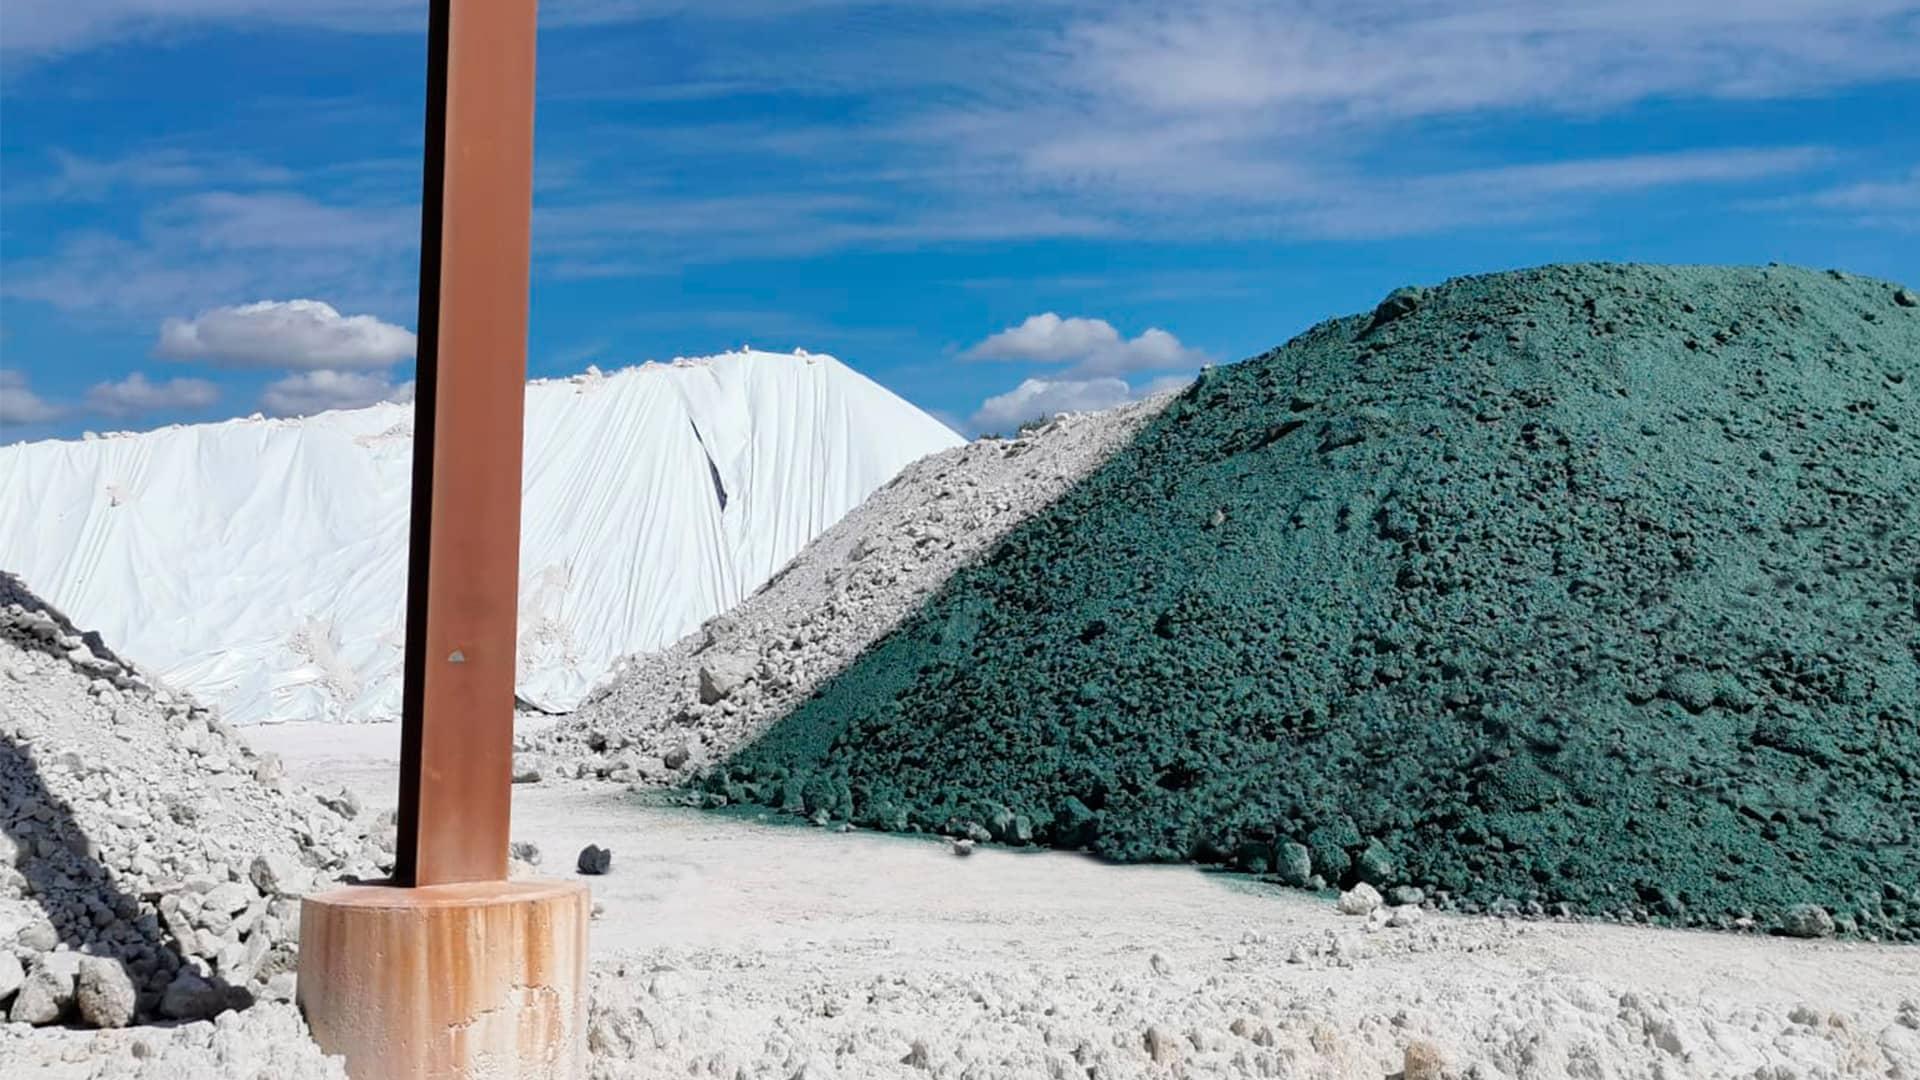 Hydrocovering pour confiner et réduire la dispersion de contaminants par voie aérienne ou souterraine.